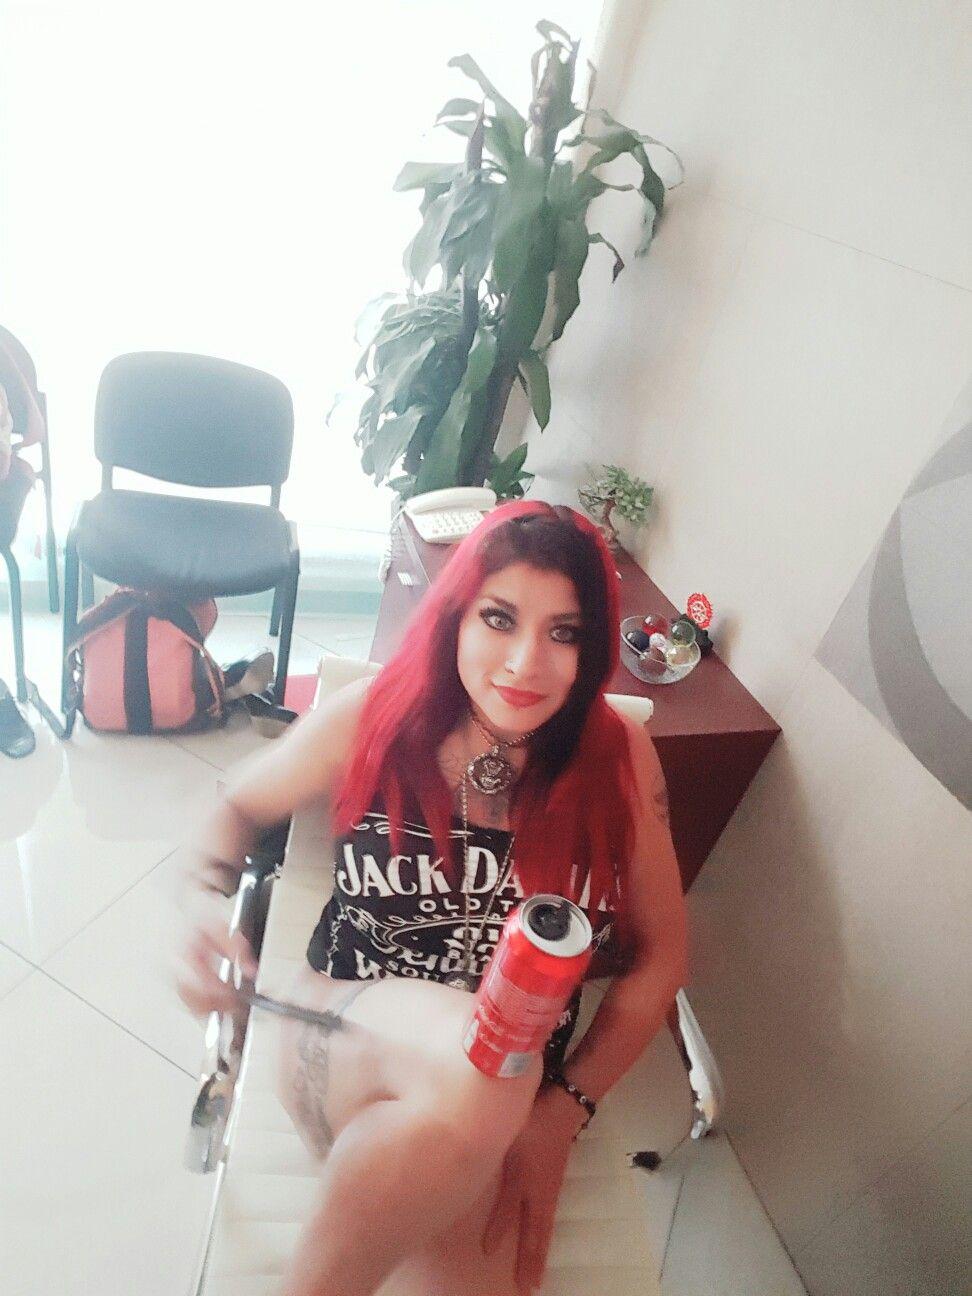 shanty, pelirroja, sexy, latina, bimbo | shanty cherry redhead model